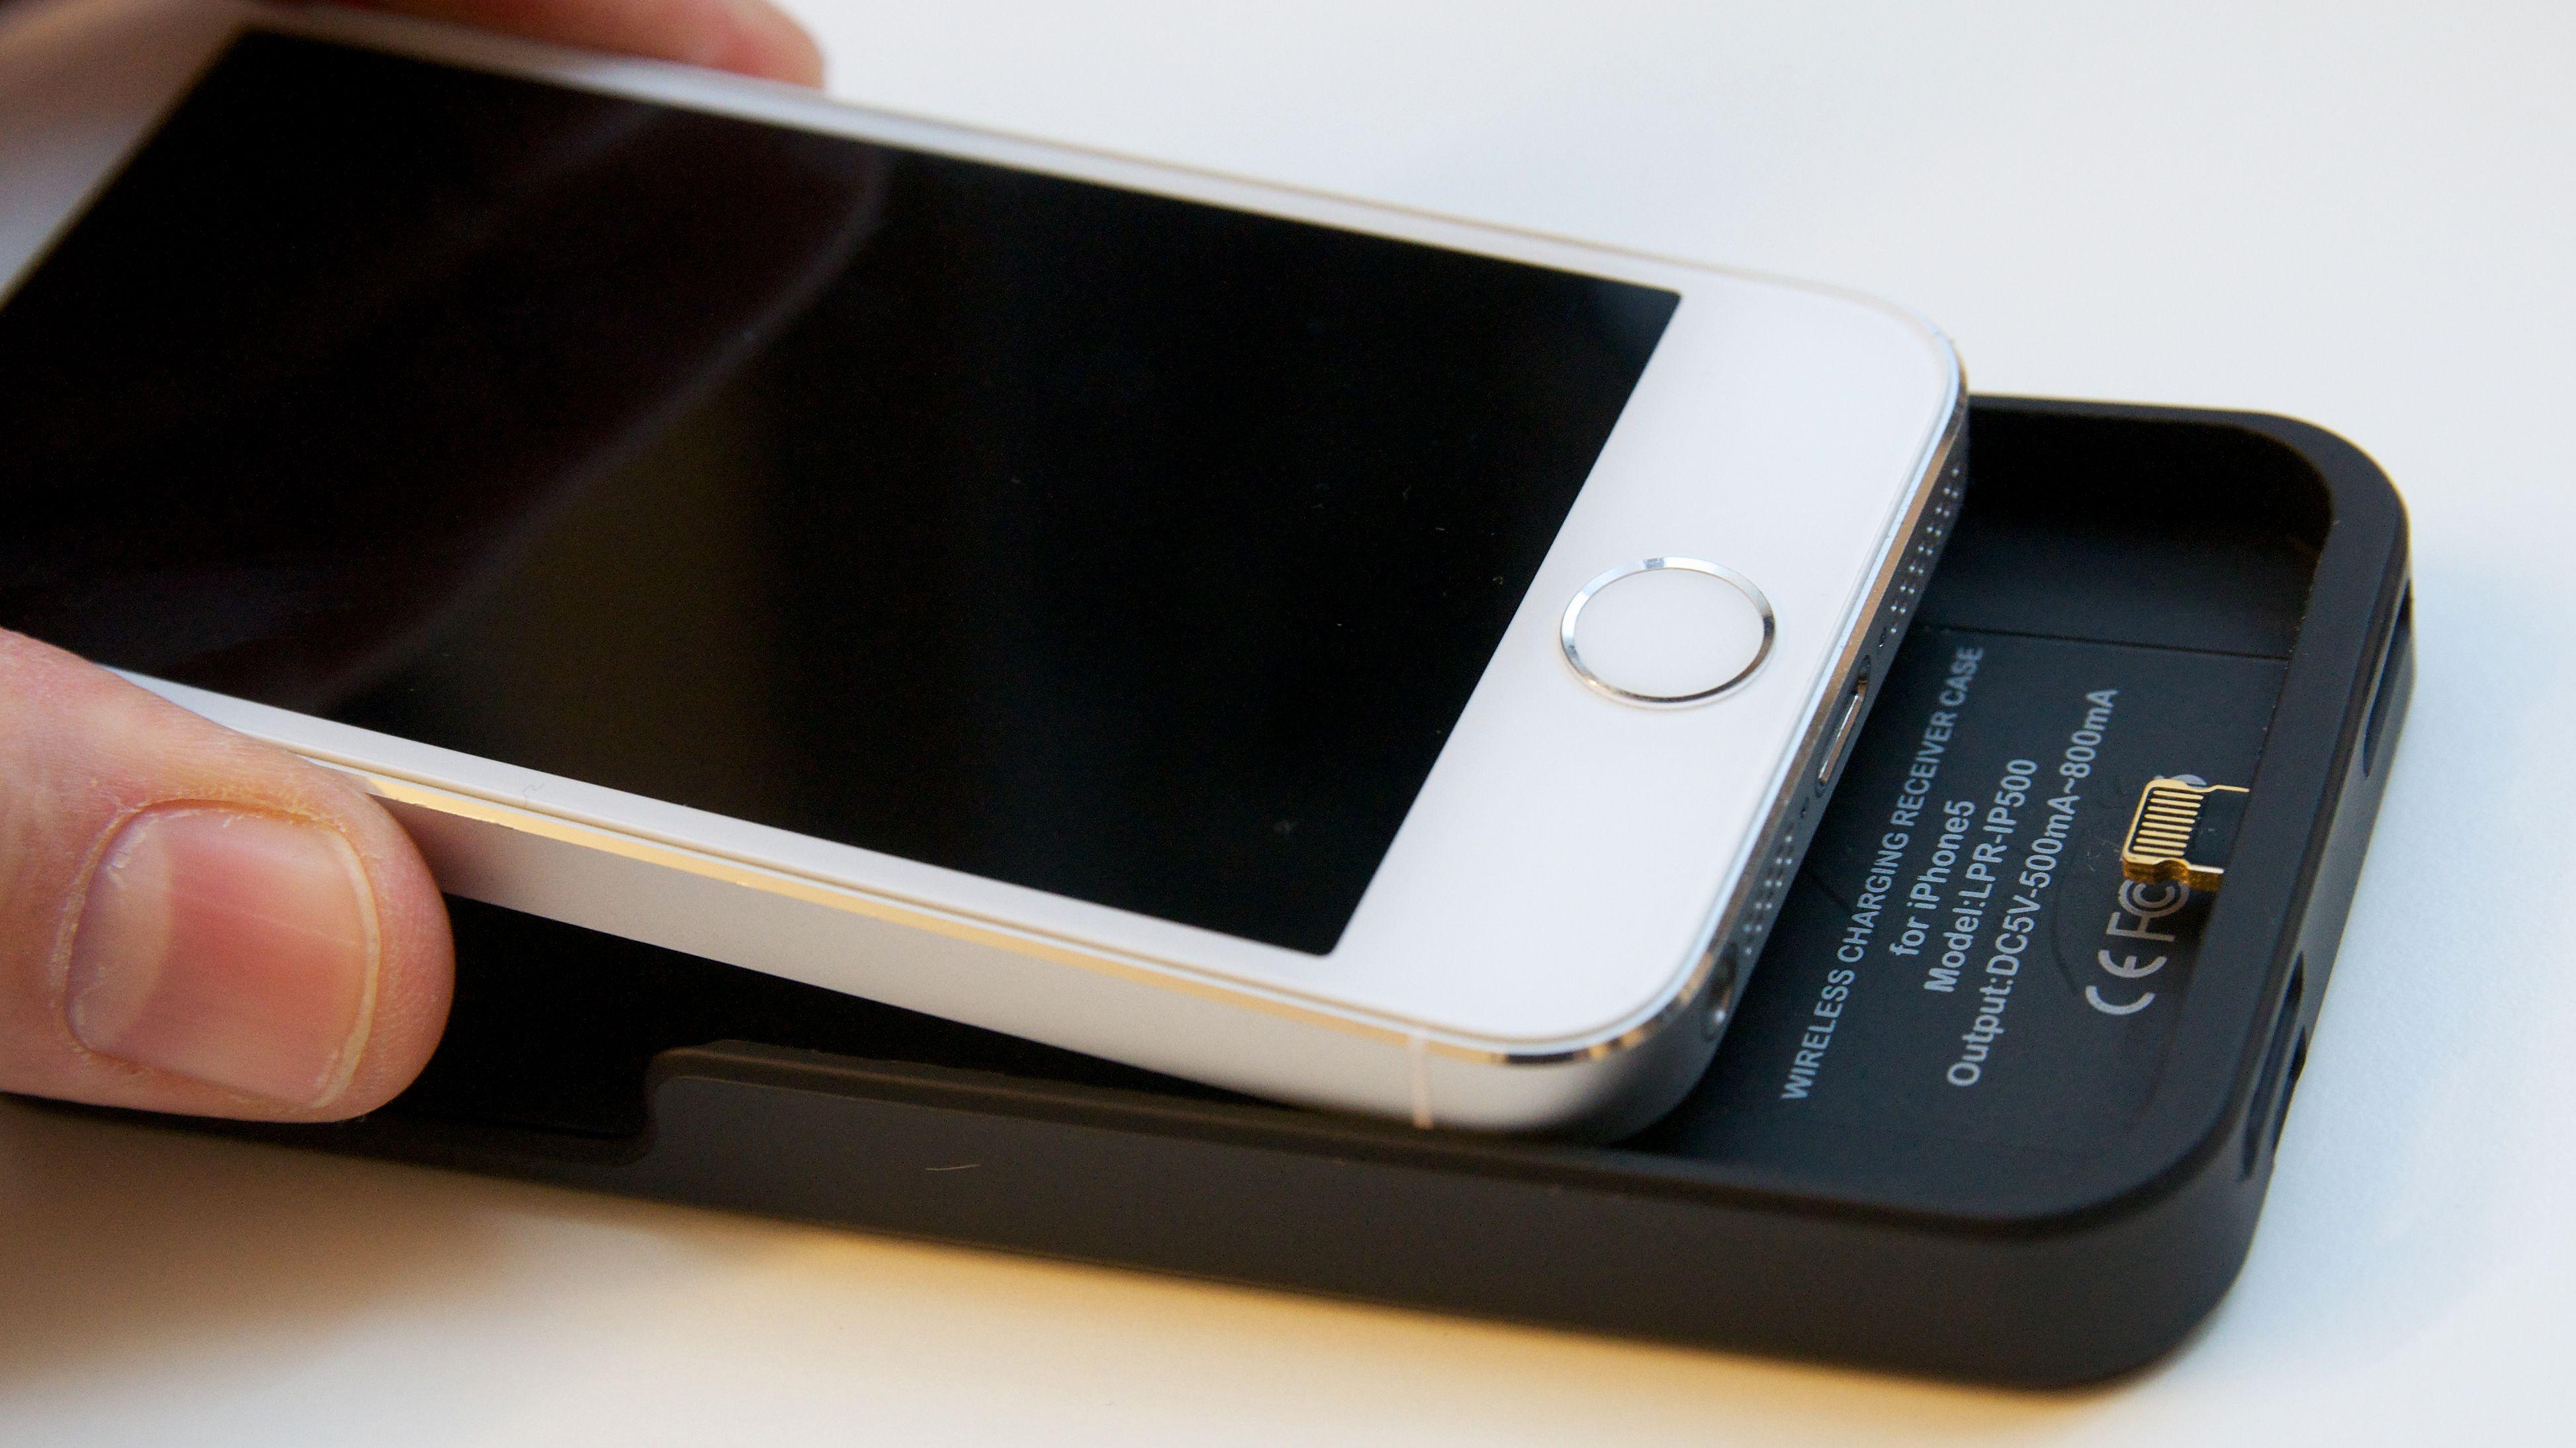 Dette Qi-dekselet kan gi trådløs lading til iPhone.Foto: Kurt Lekanger, Amobil.no